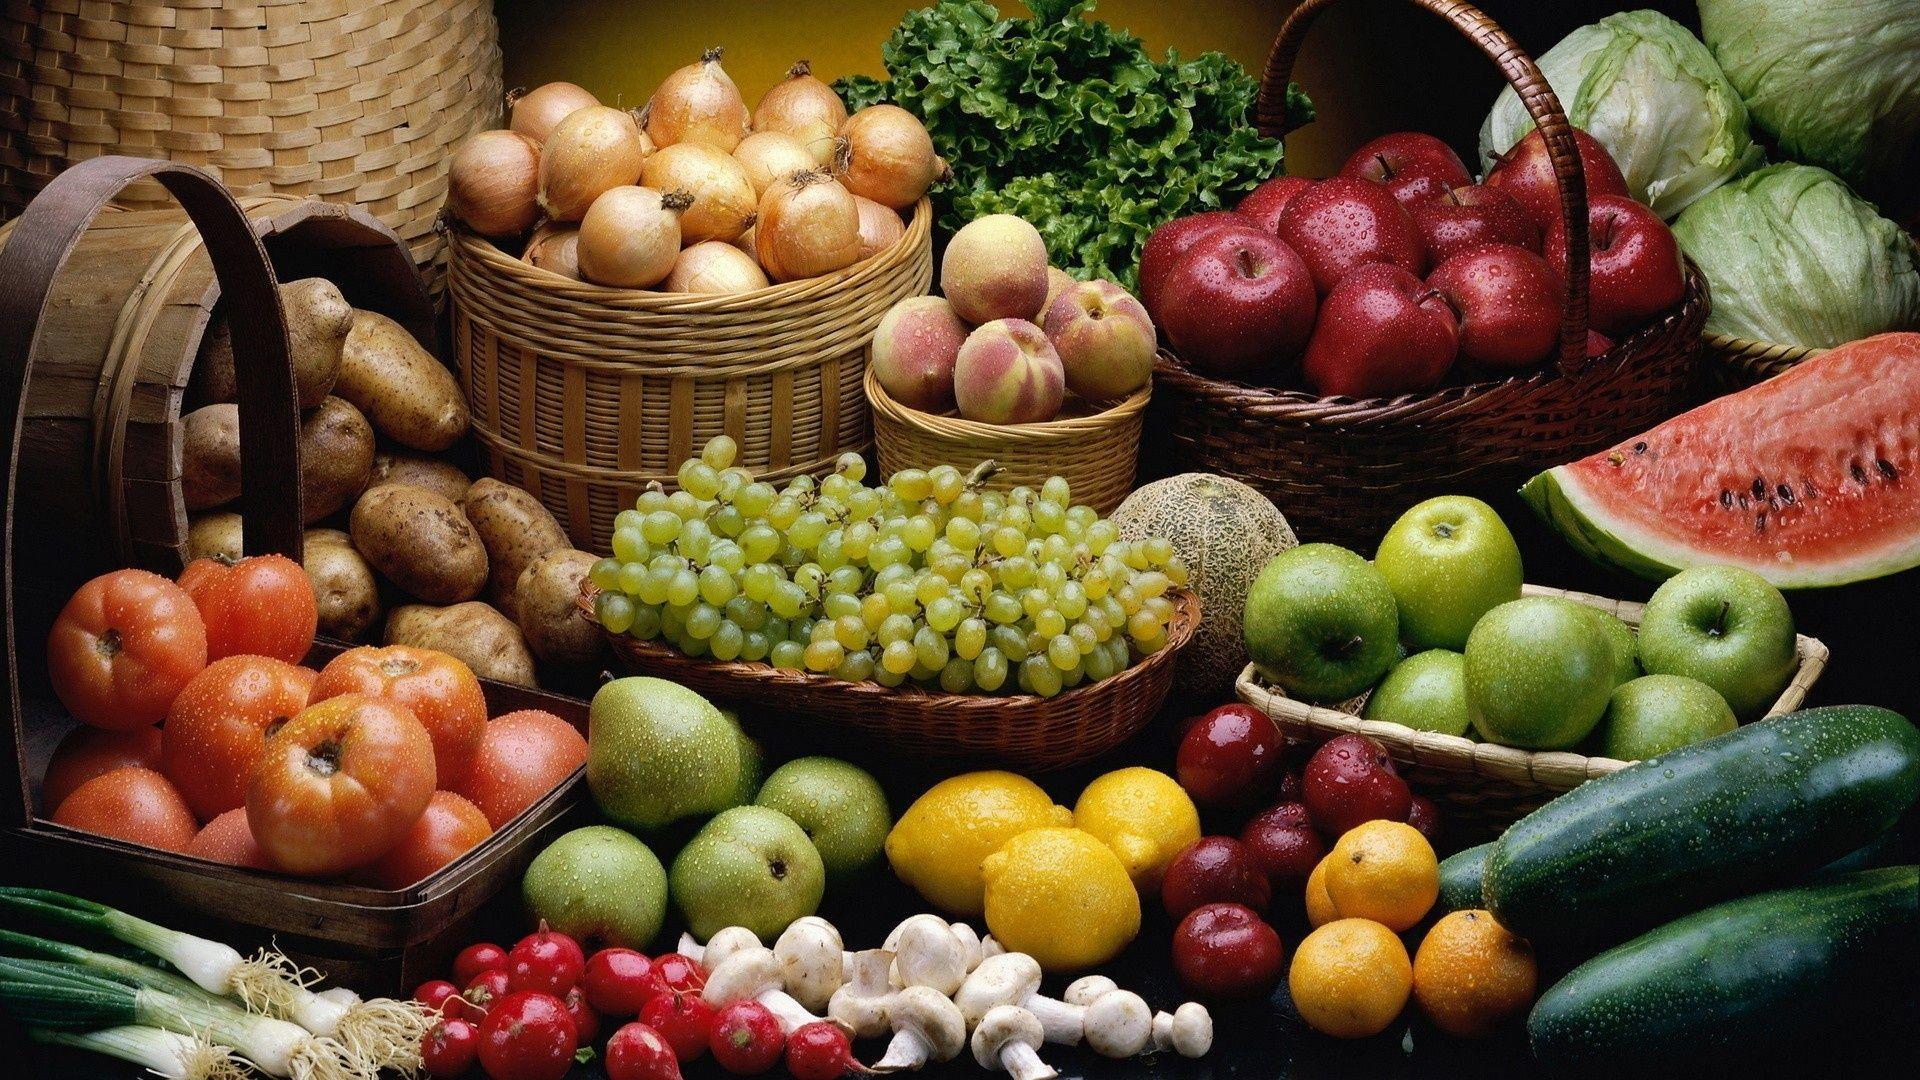 دراسة : الاستهلاك غير المتكافئ للفاكهة والخضروات يسبب ملايين الوفيات